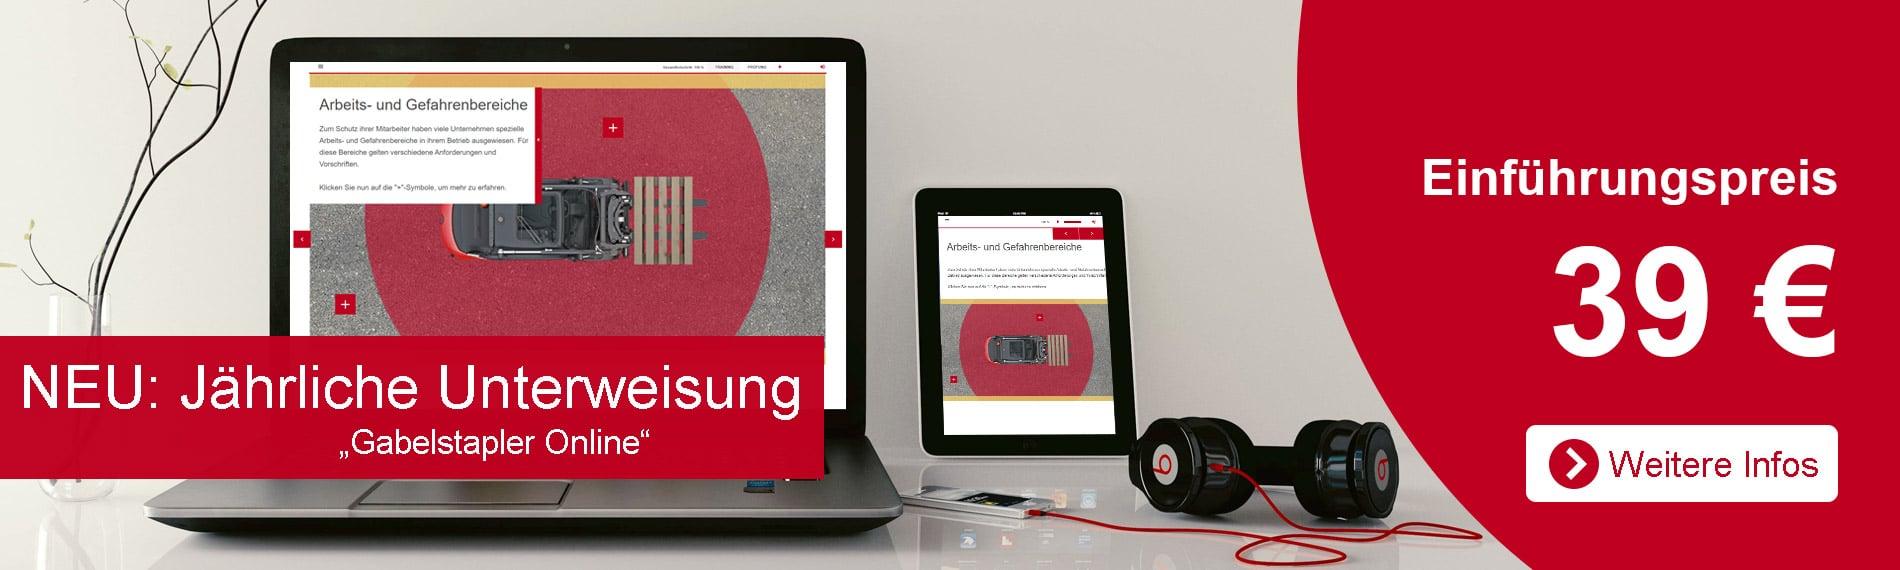 banner jaehrliche unterweisung gabelstapler online mit laptop oder tablet